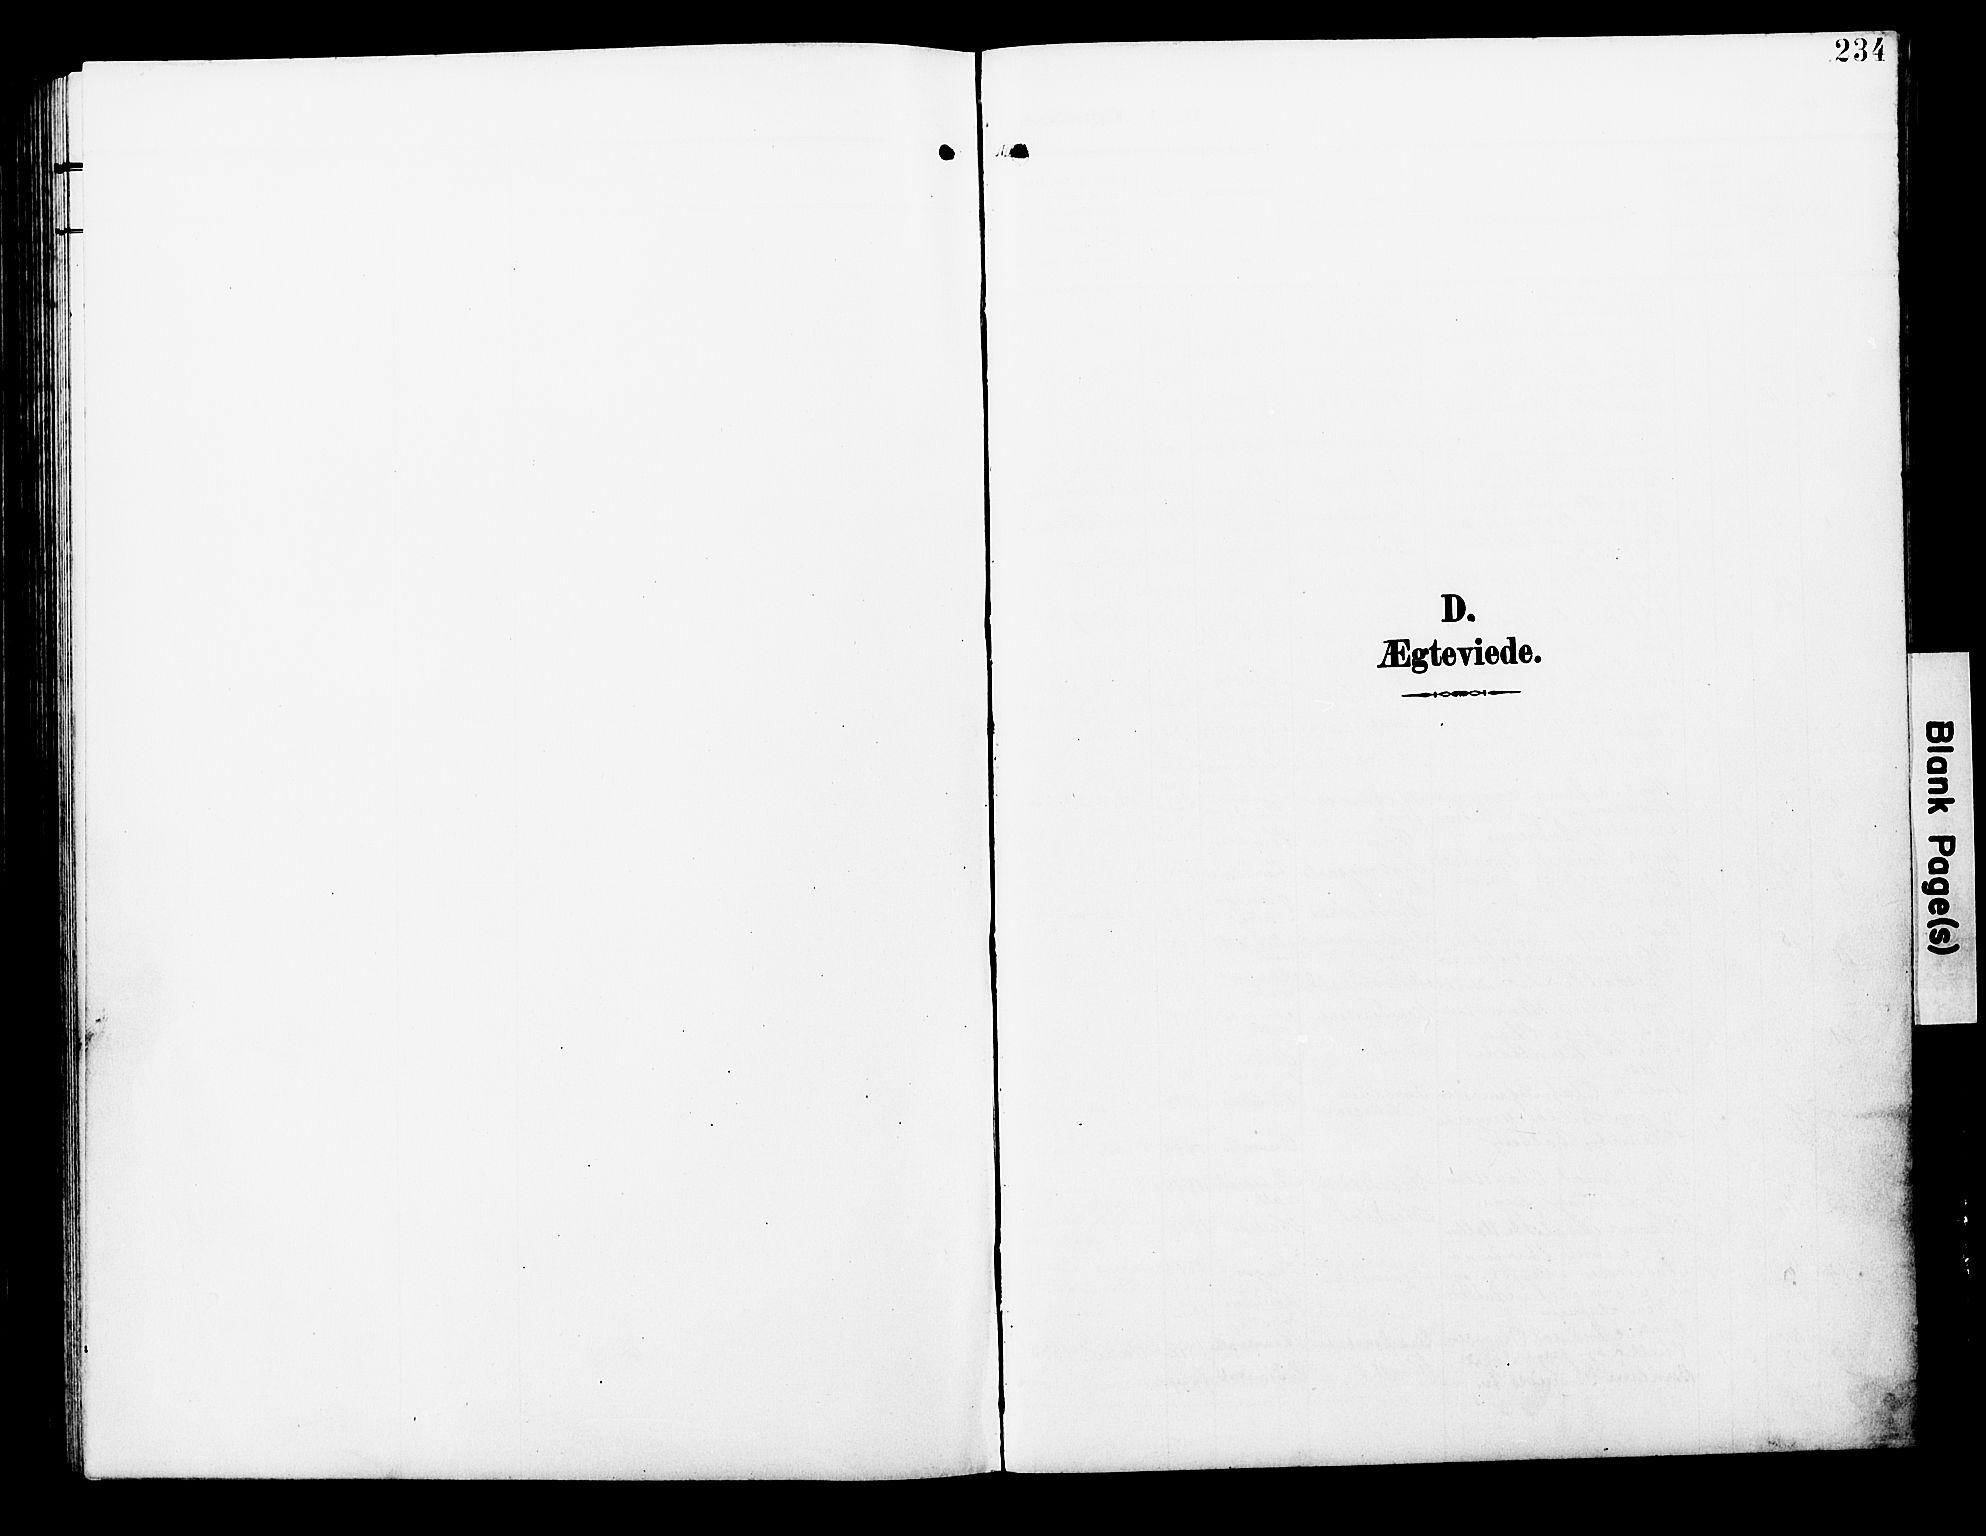 SAT, Ministerialprotokoller, klokkerbøker og fødselsregistre - Nord-Trøndelag, 723/L0258: Klokkerbok nr. 723C06, 1908-1927, s. 234